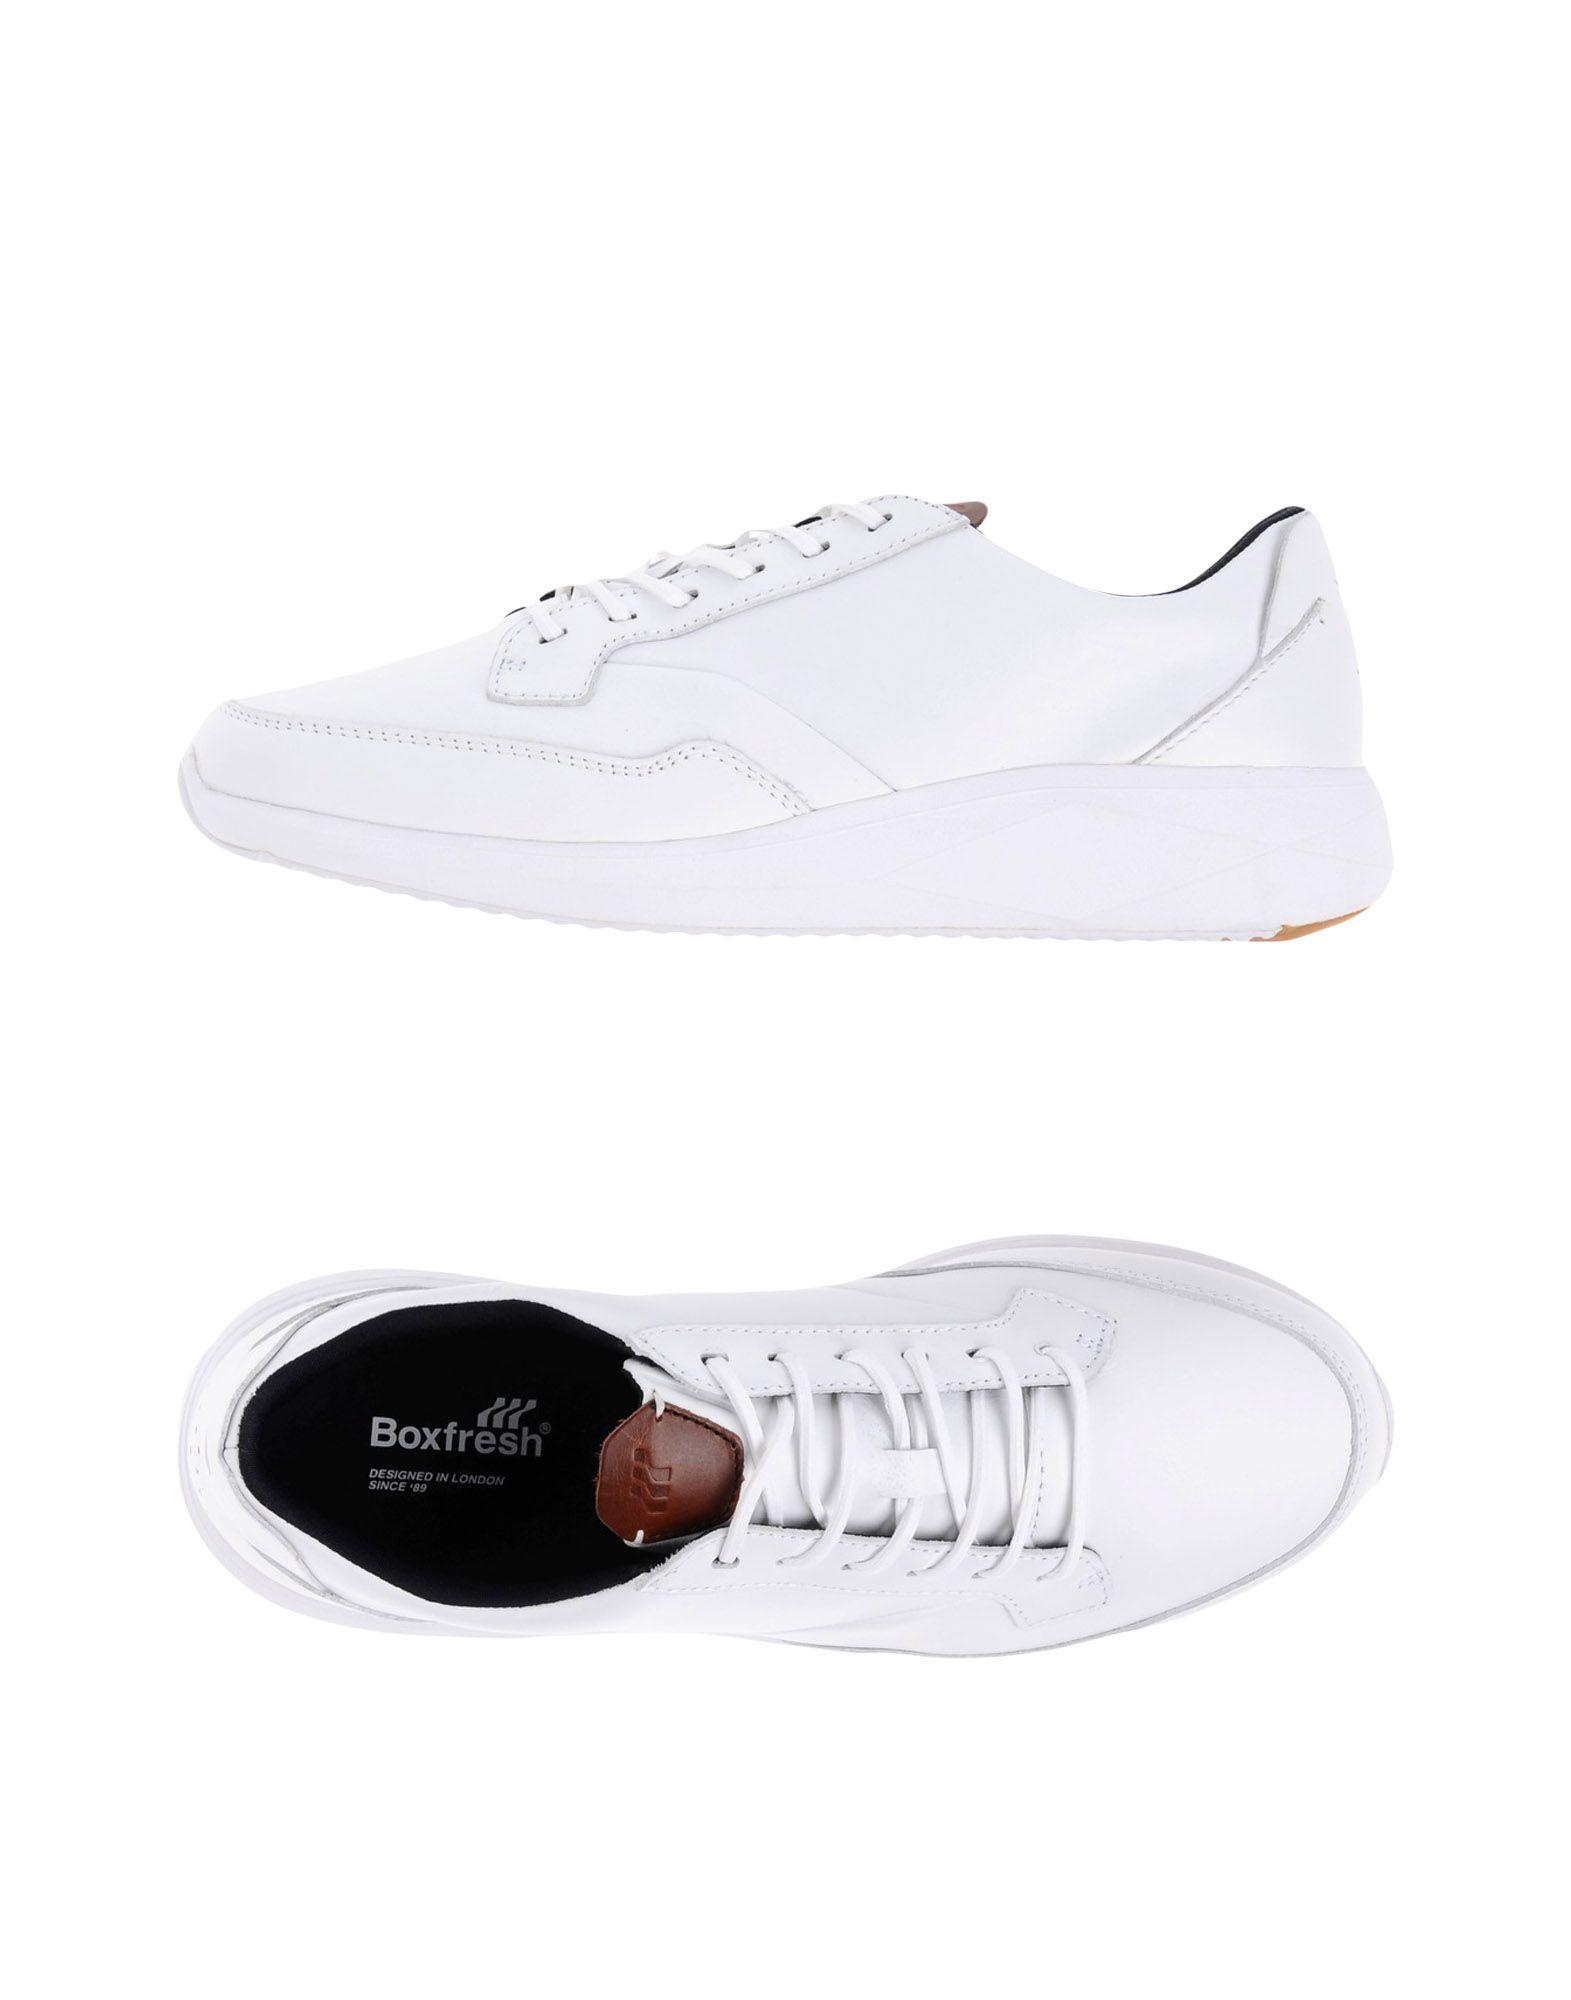 A buon mercato Sneakers Boxfresh Uomo - 11333767LK